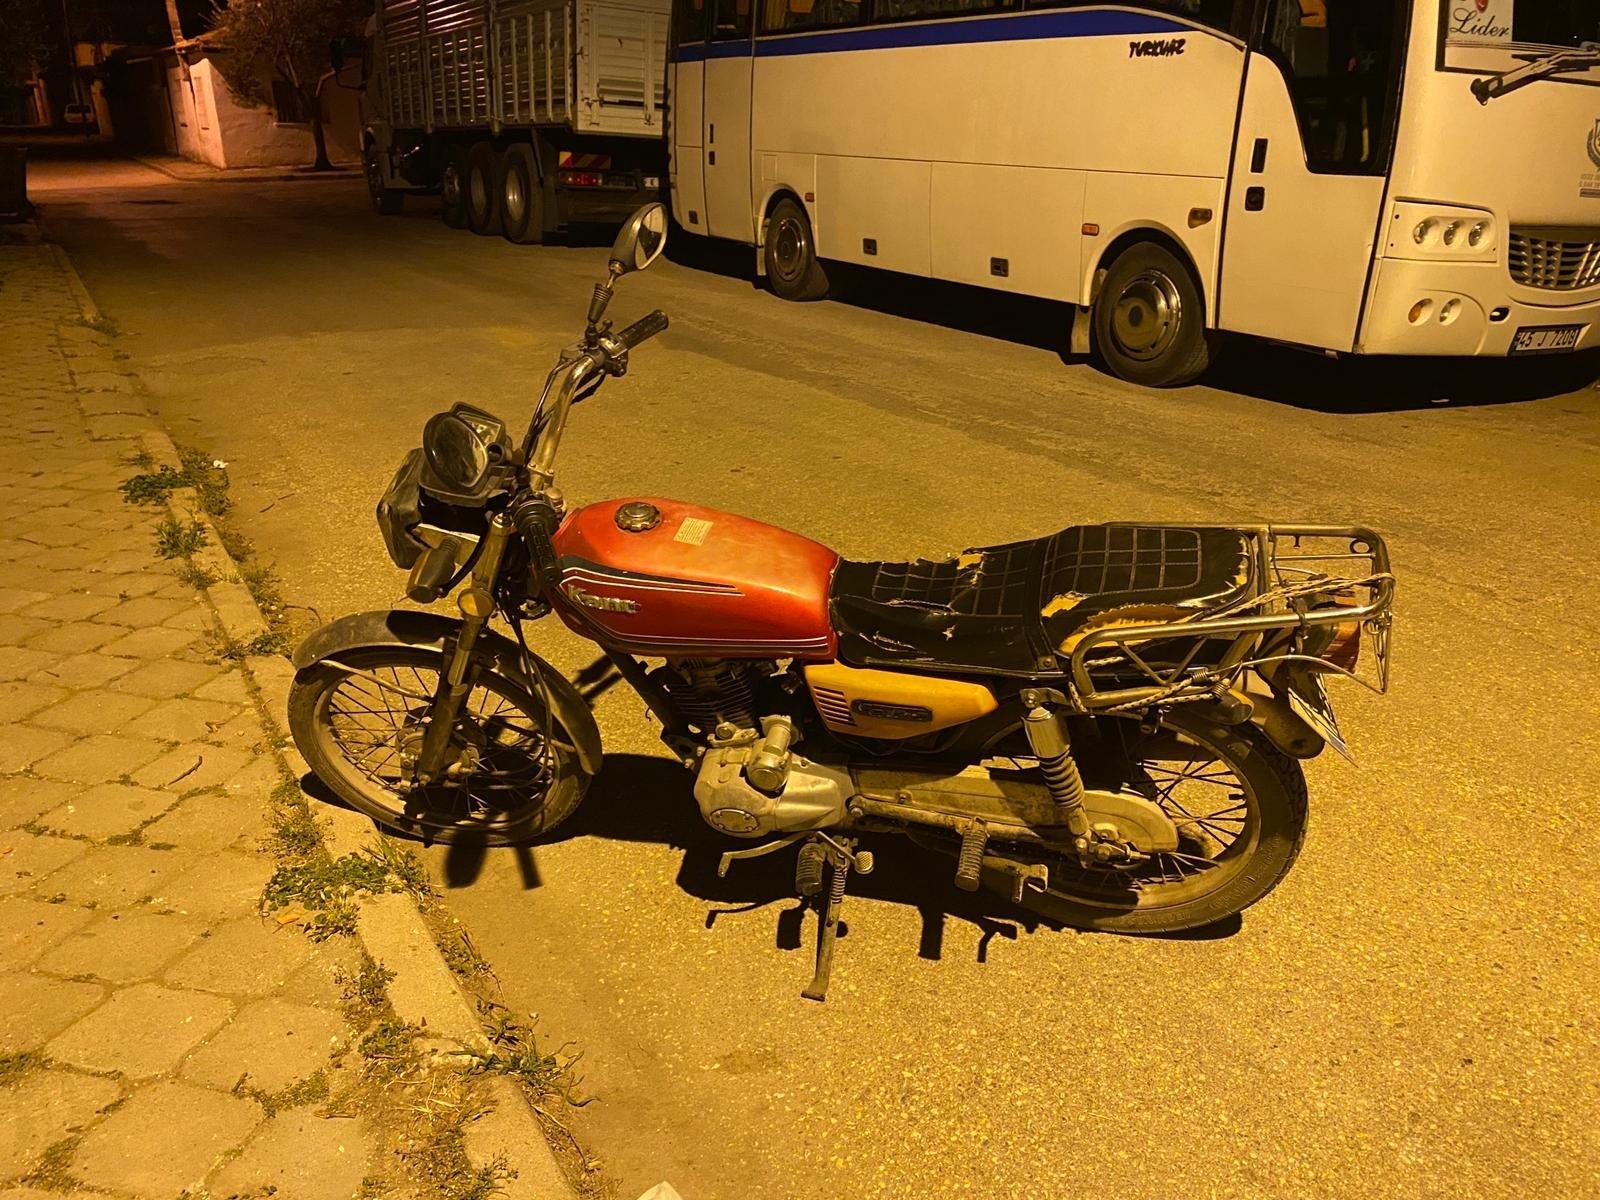 Manisa'da motosiklet hırsızı bekçilere yakalandı